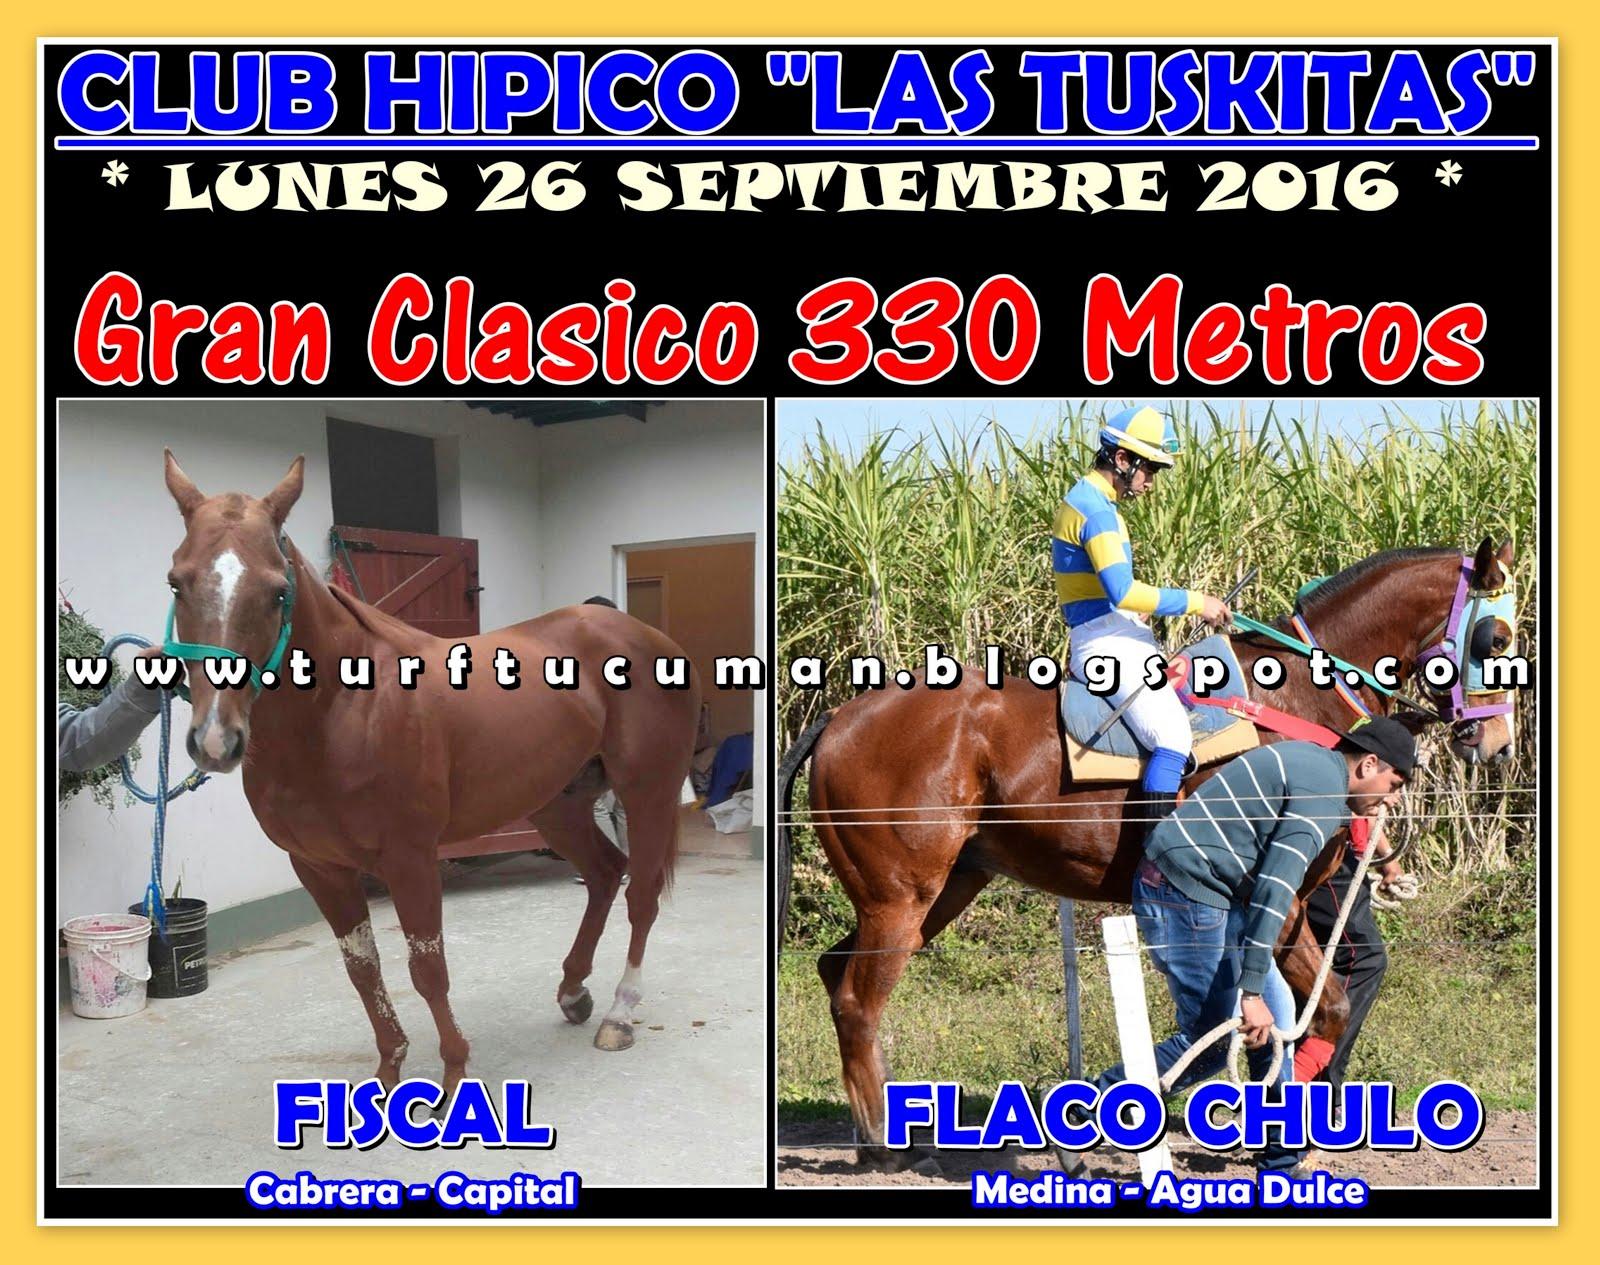 FLACO CHULO VS FISCAL